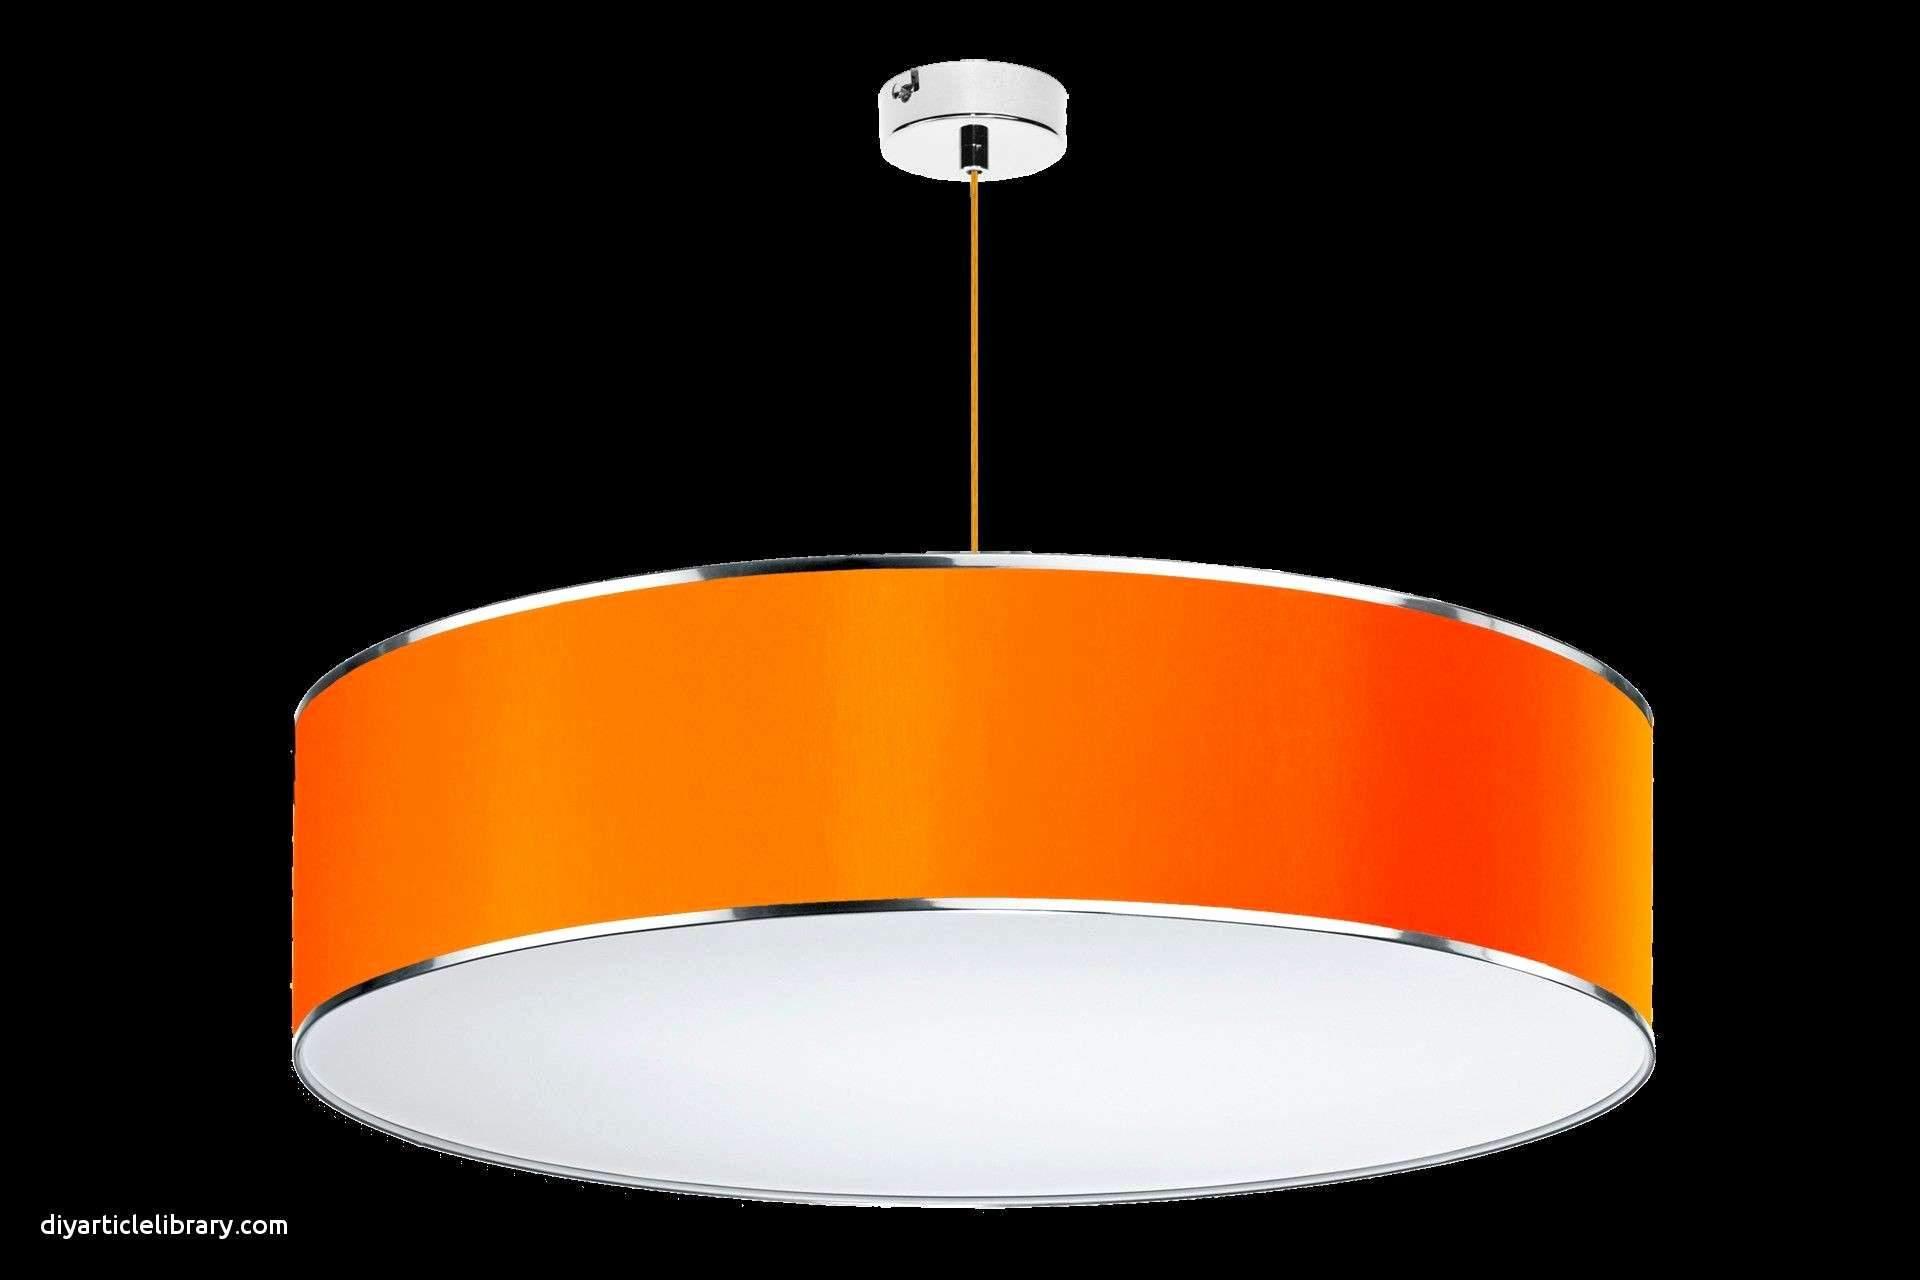 Full Size of Designer Lampen Wohnzimmer Led Spots Inspirierend Luxus Decken Regale Beleuchtung Vorhänge Teppiche Deckenleuchte Gardinen Für Relaxliege Wandtattoo Wohnzimmer Designer Lampen Wohnzimmer